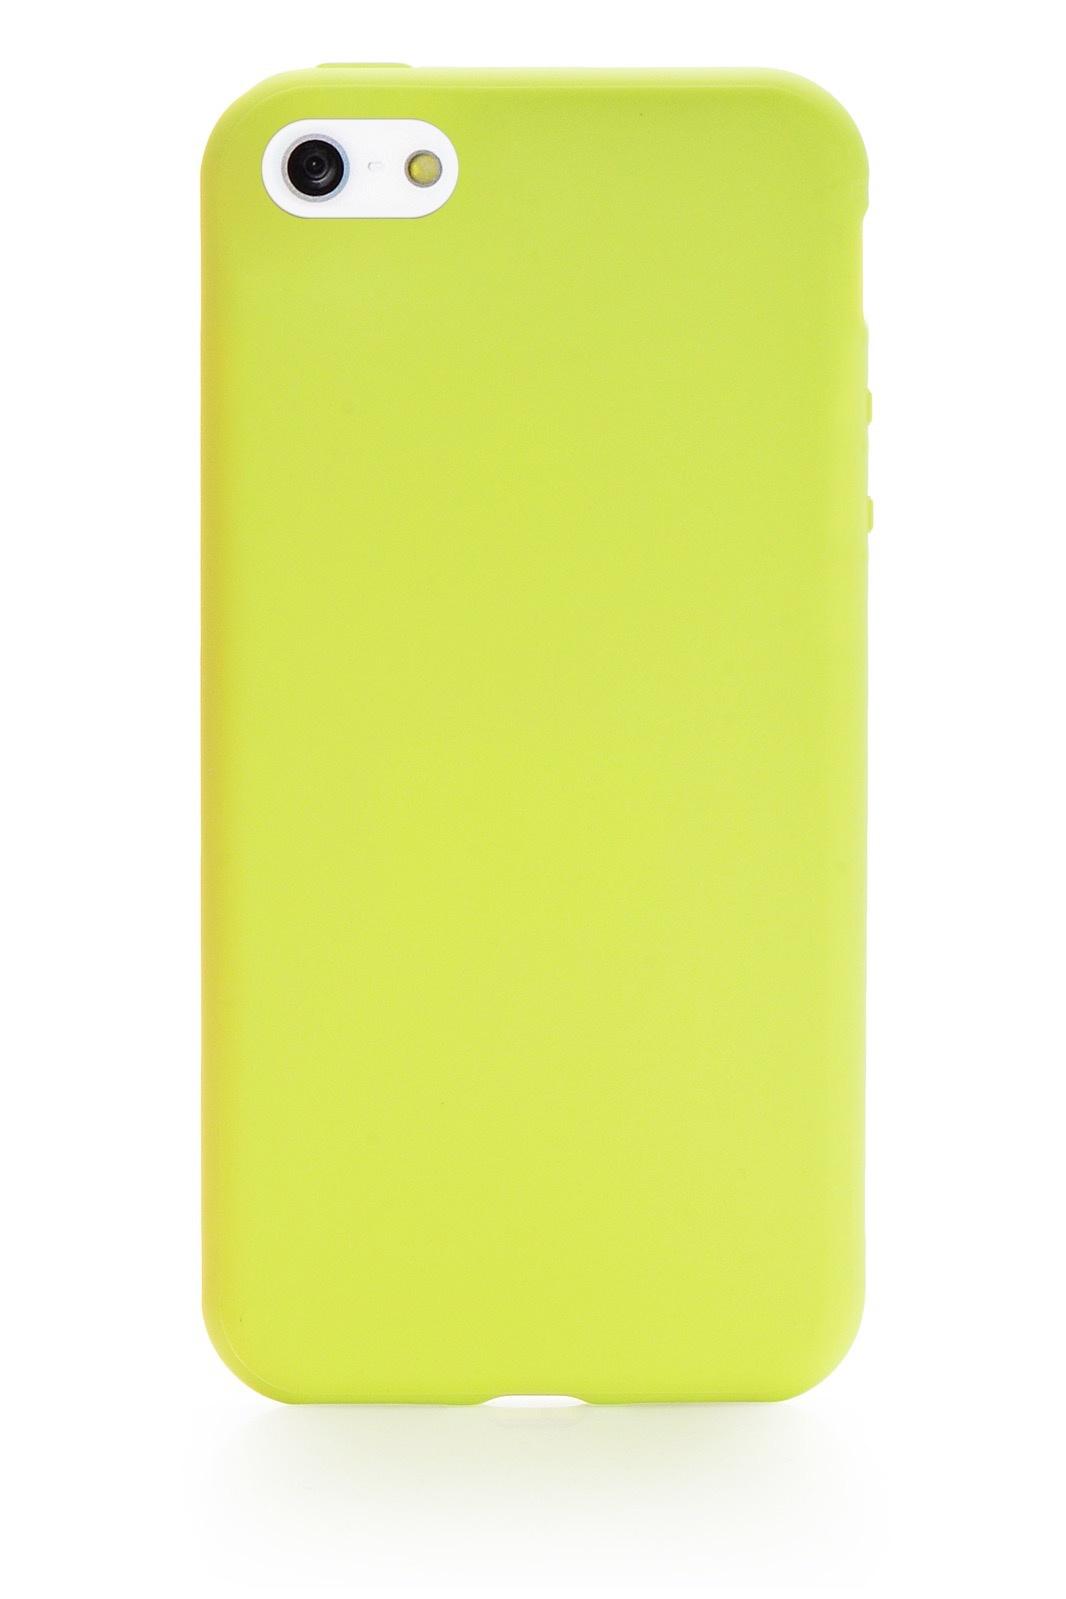 Чехол для сотового телефона Gurdini Soft Lux 902624 для Apple iPhone 5/5S/SE, салатовый